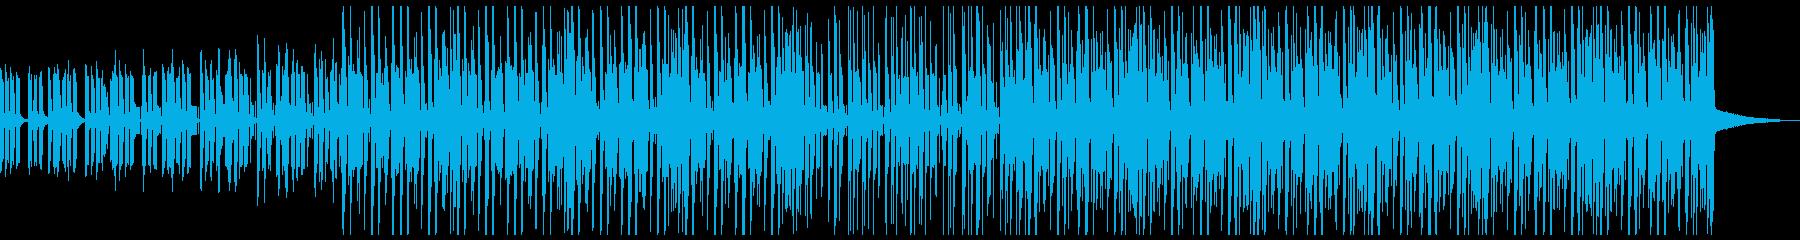 爽やかな映像のバックBGMにピッタリな曲の再生済みの波形